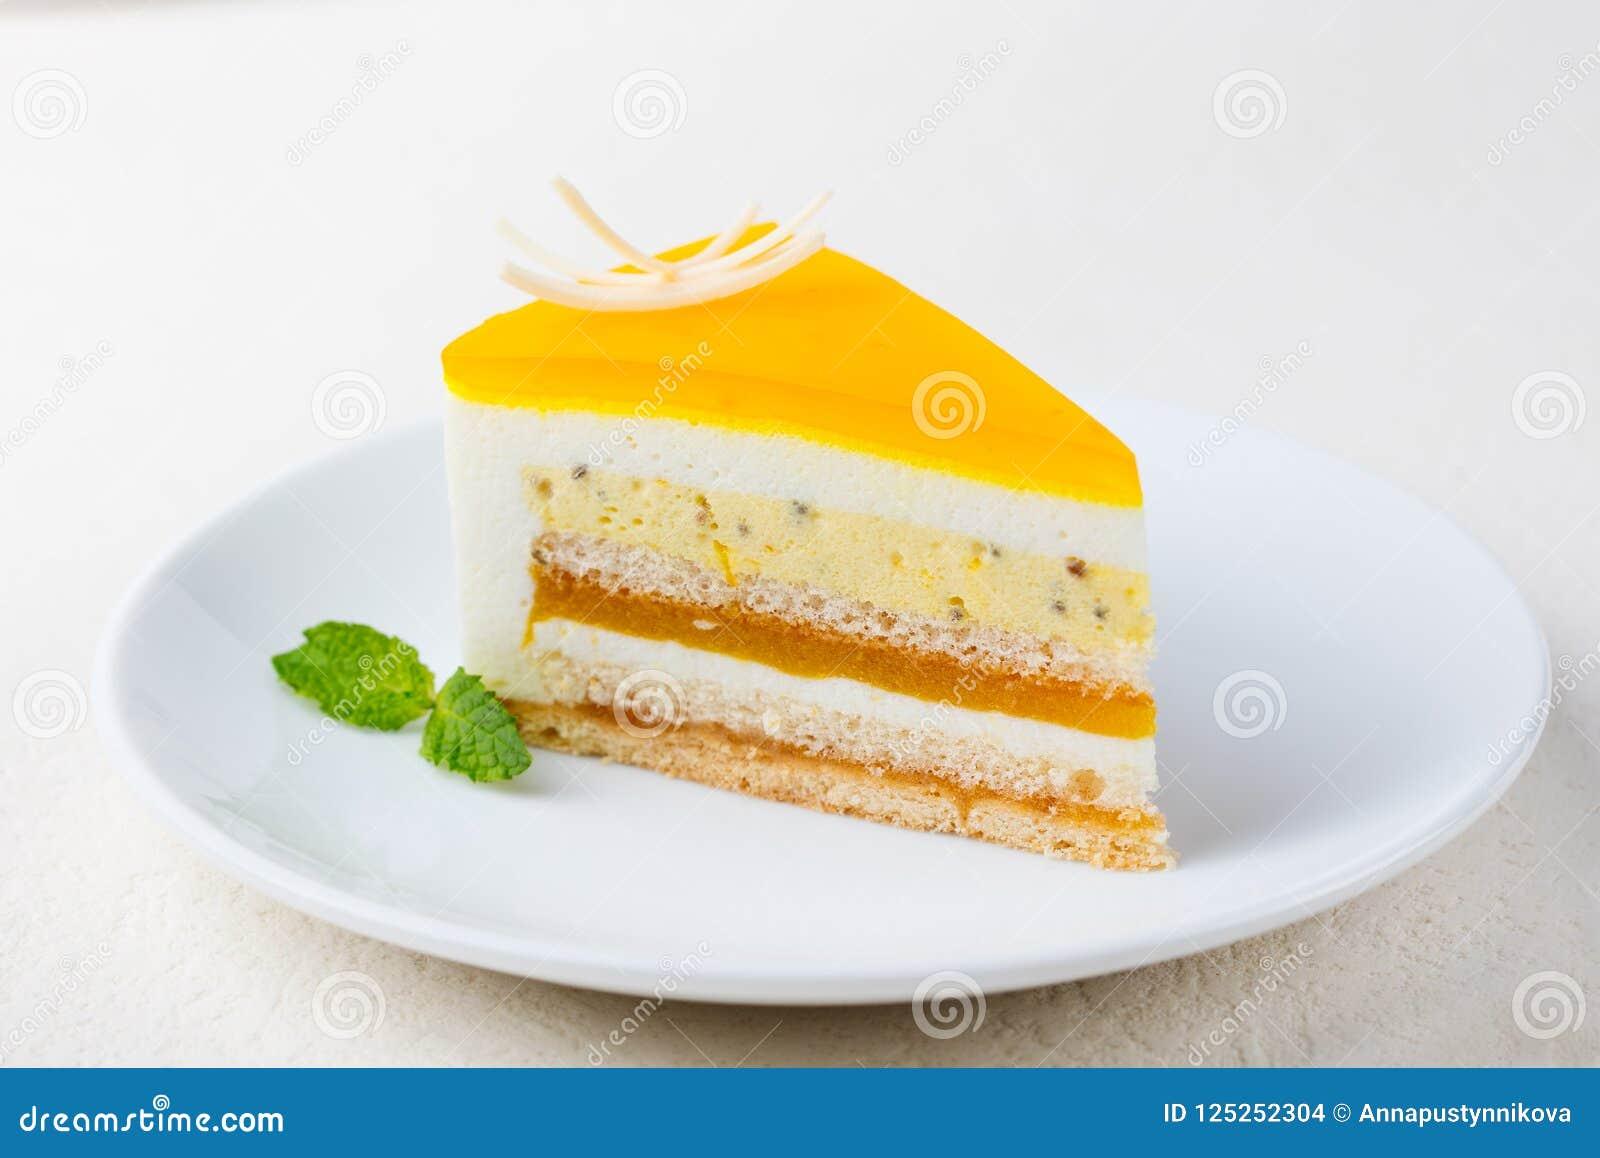 Torta de la fruta de la pasión, postre de la crema batida en una placa blanca